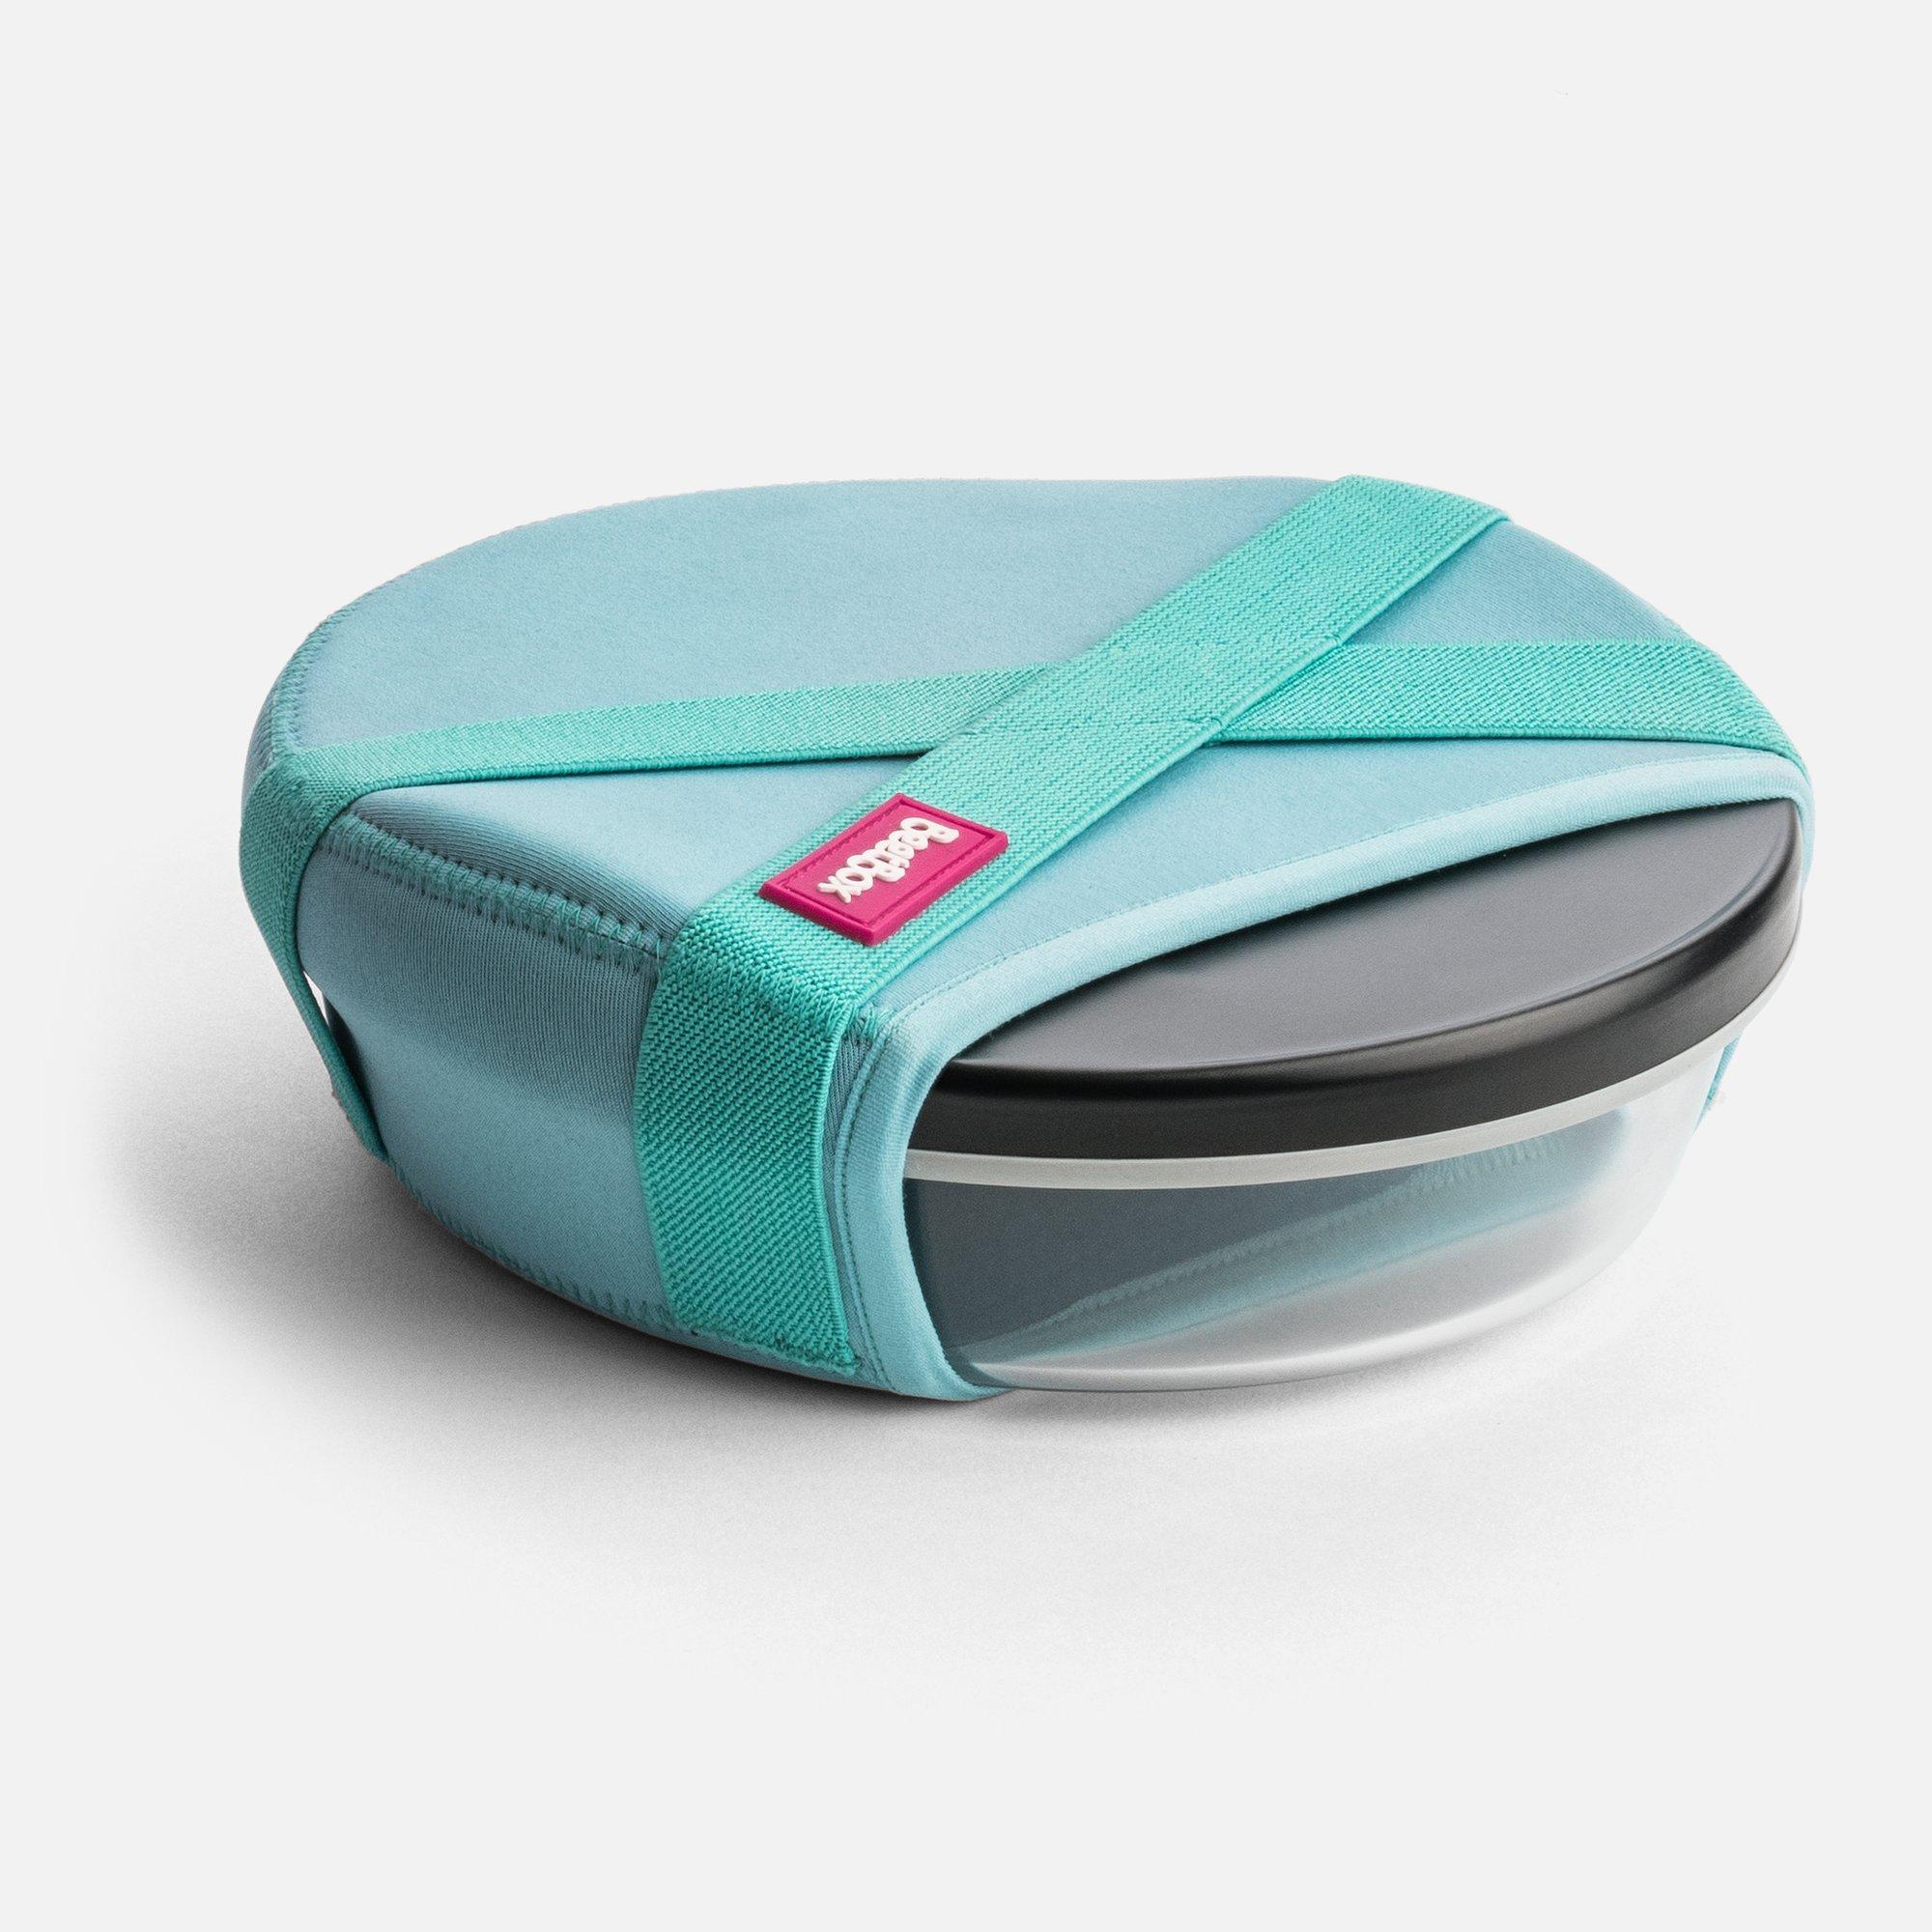 BeetBox Packaging Alternatives Zero Waste Noema 3.jpg